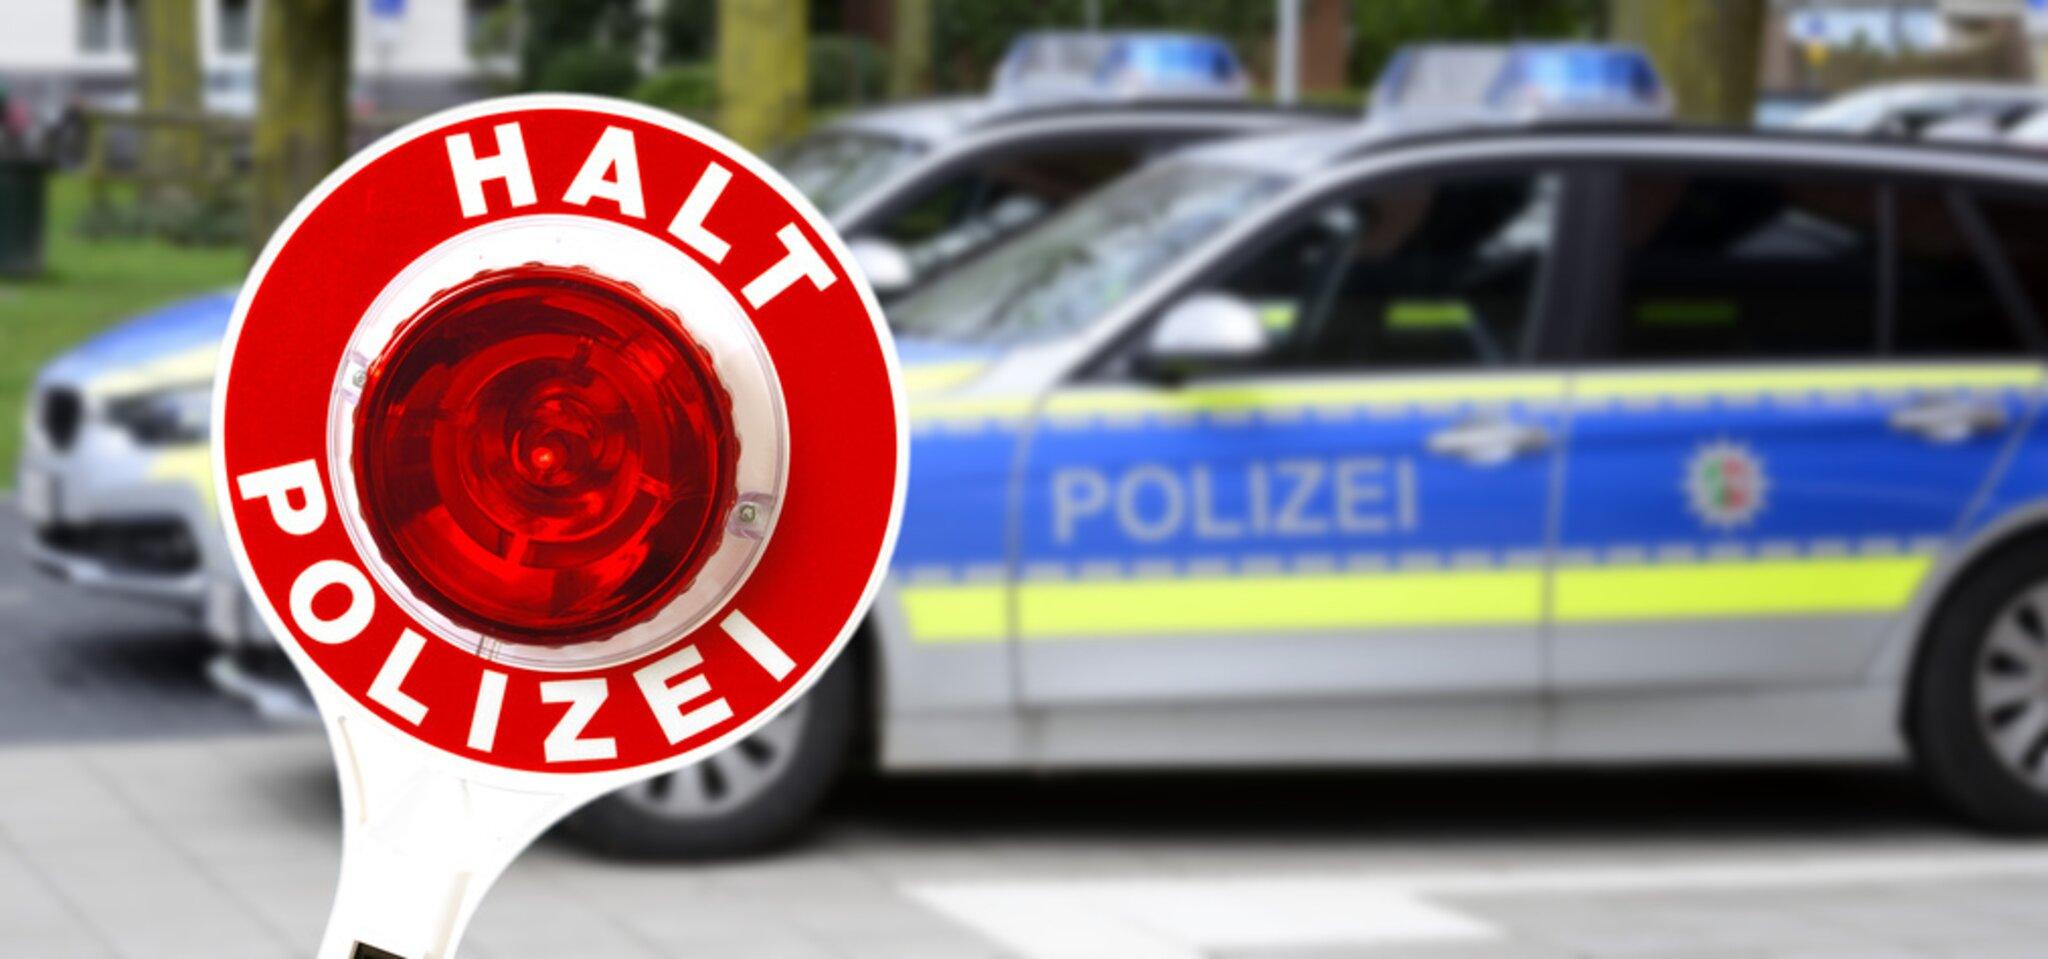 Stadt-Aschaffenburg-Trunkenheit-im-Verkehr-Sturz-mit-Leichtkraftrad-Ruhest-rung-Verst-e-gegen-Ausgangssperre-Unfallflucht